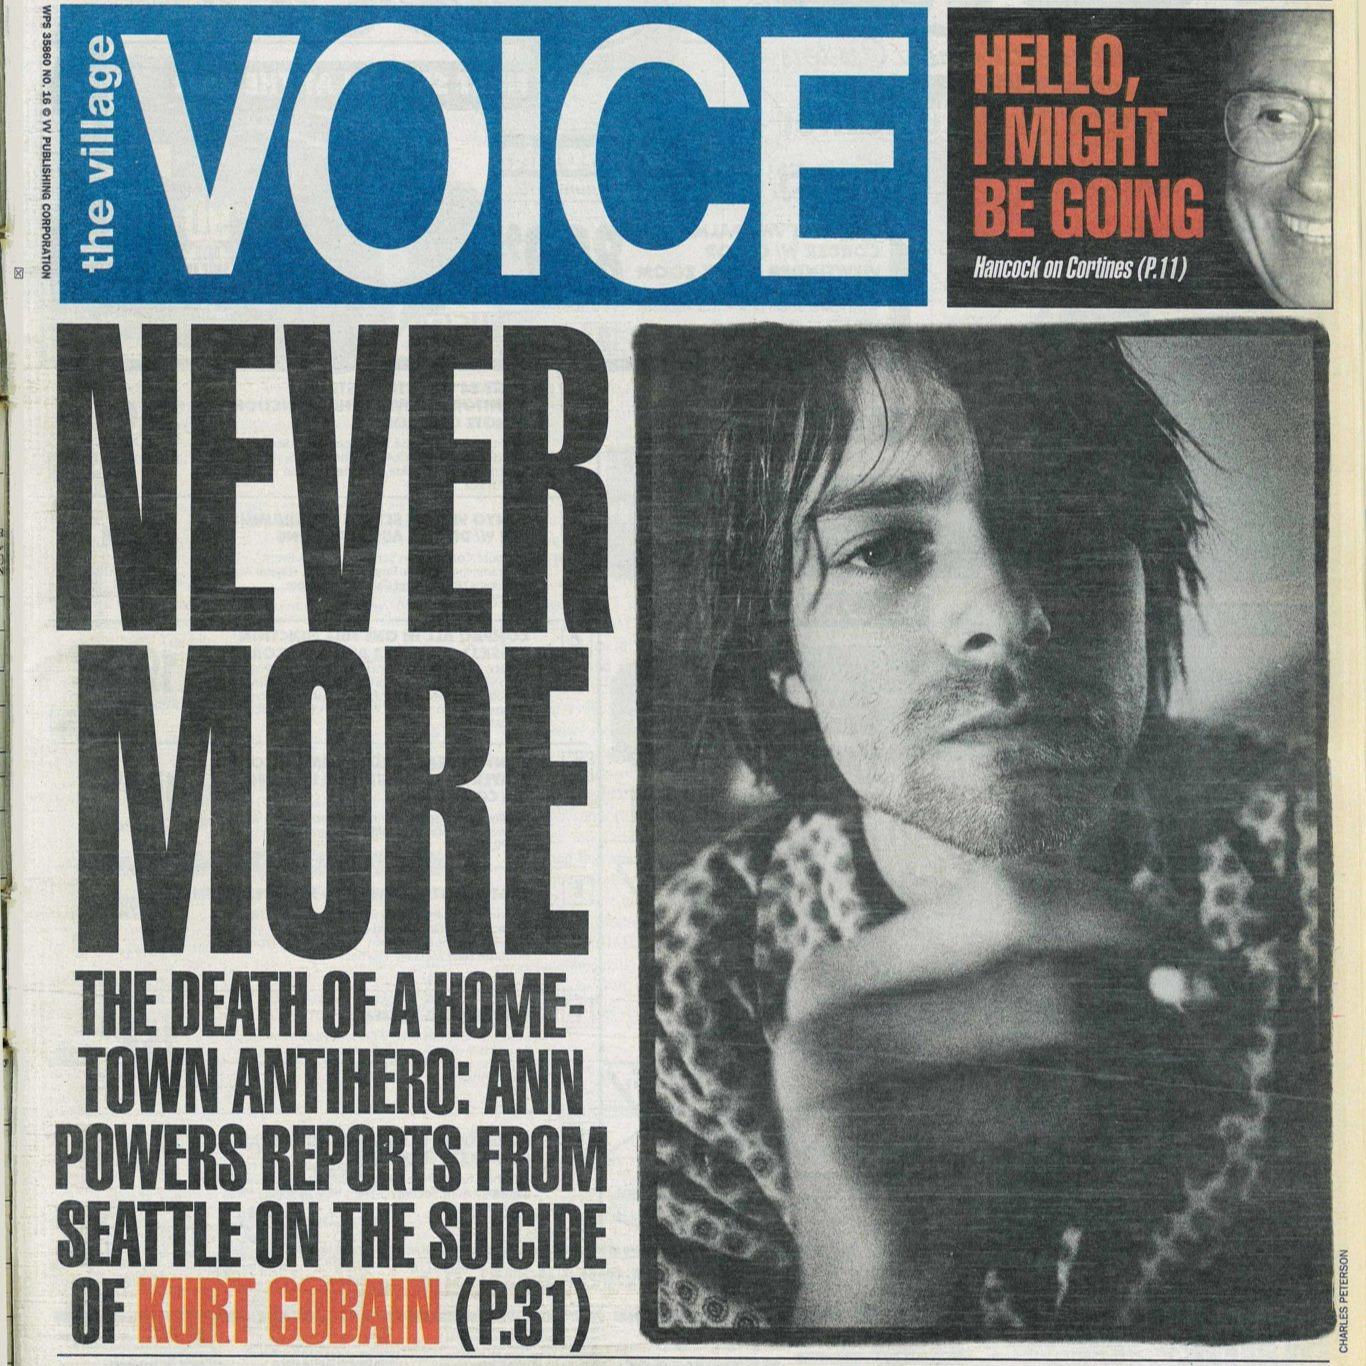 Cobain dood